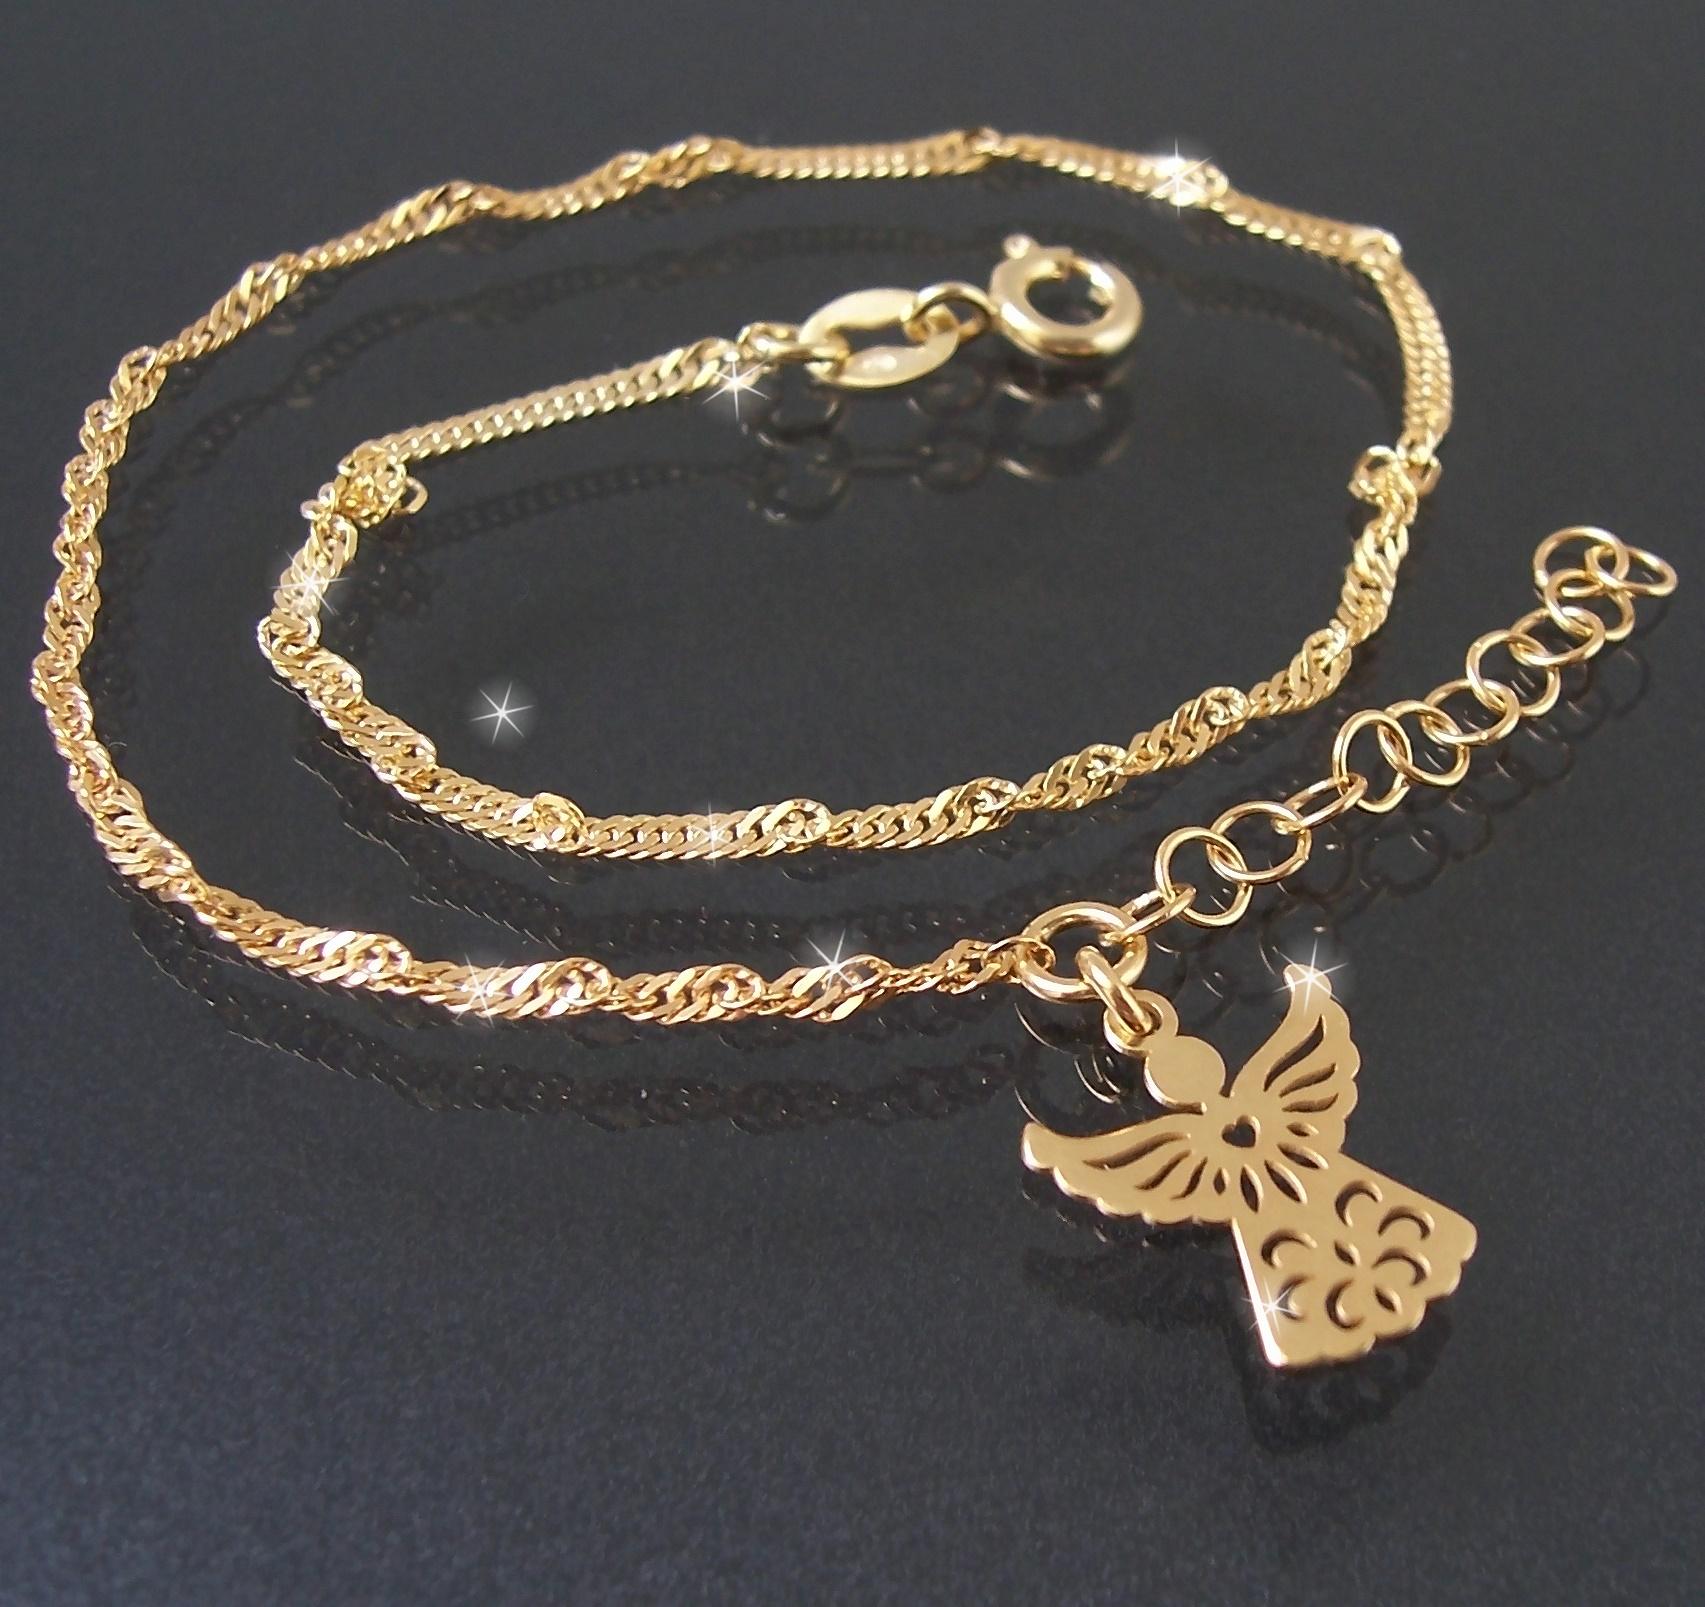 Fußkette Fuß Kette 925 Sterlingsilber Gold 24-27cm Engel 22920G-27